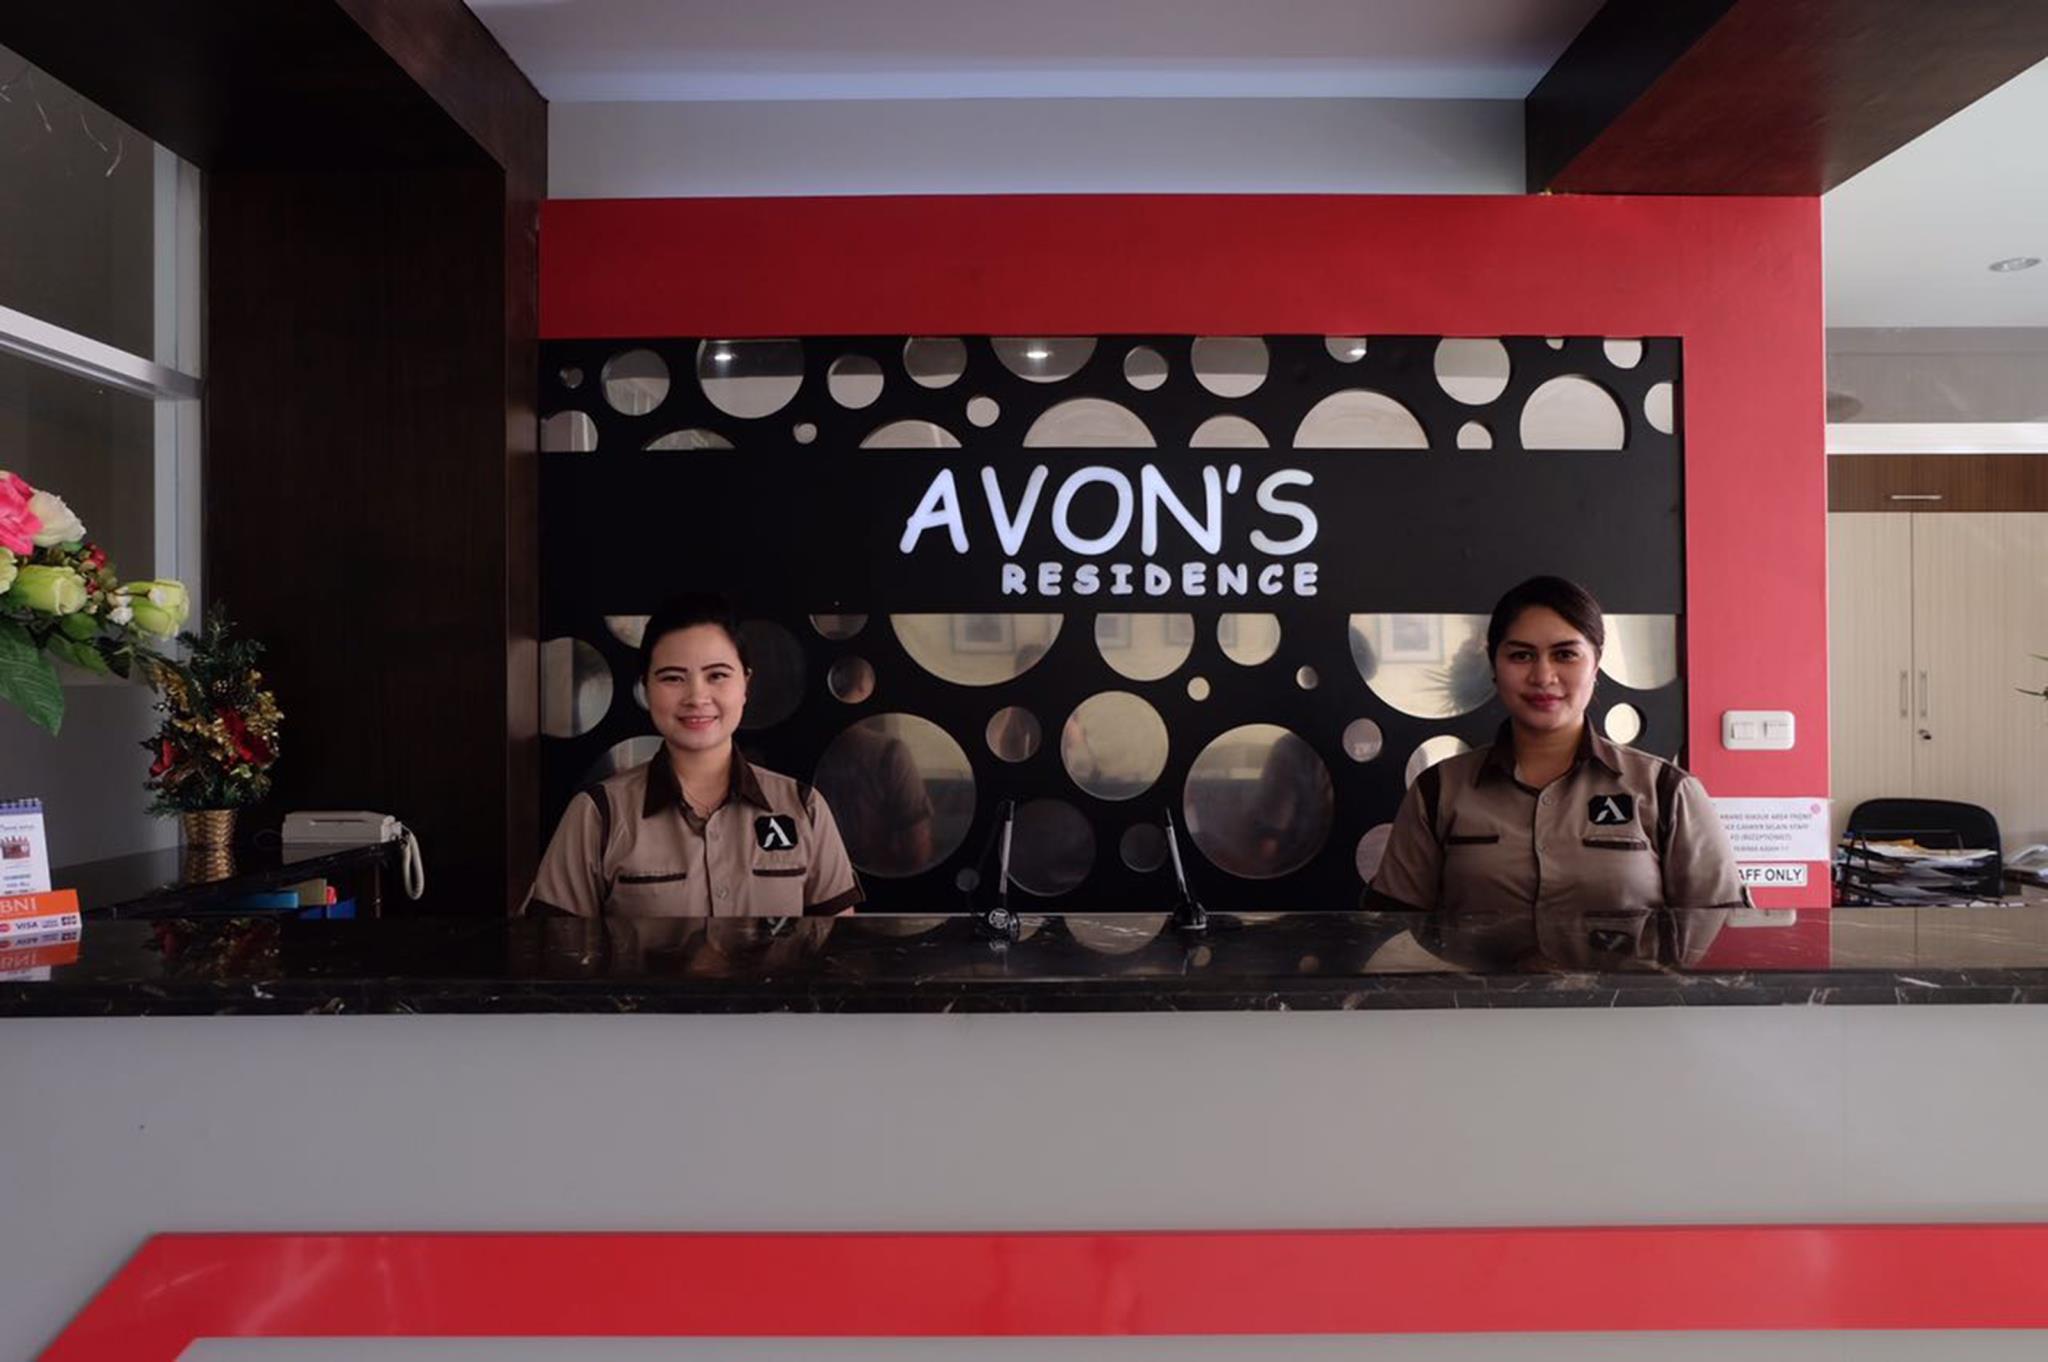 Avon's Residence